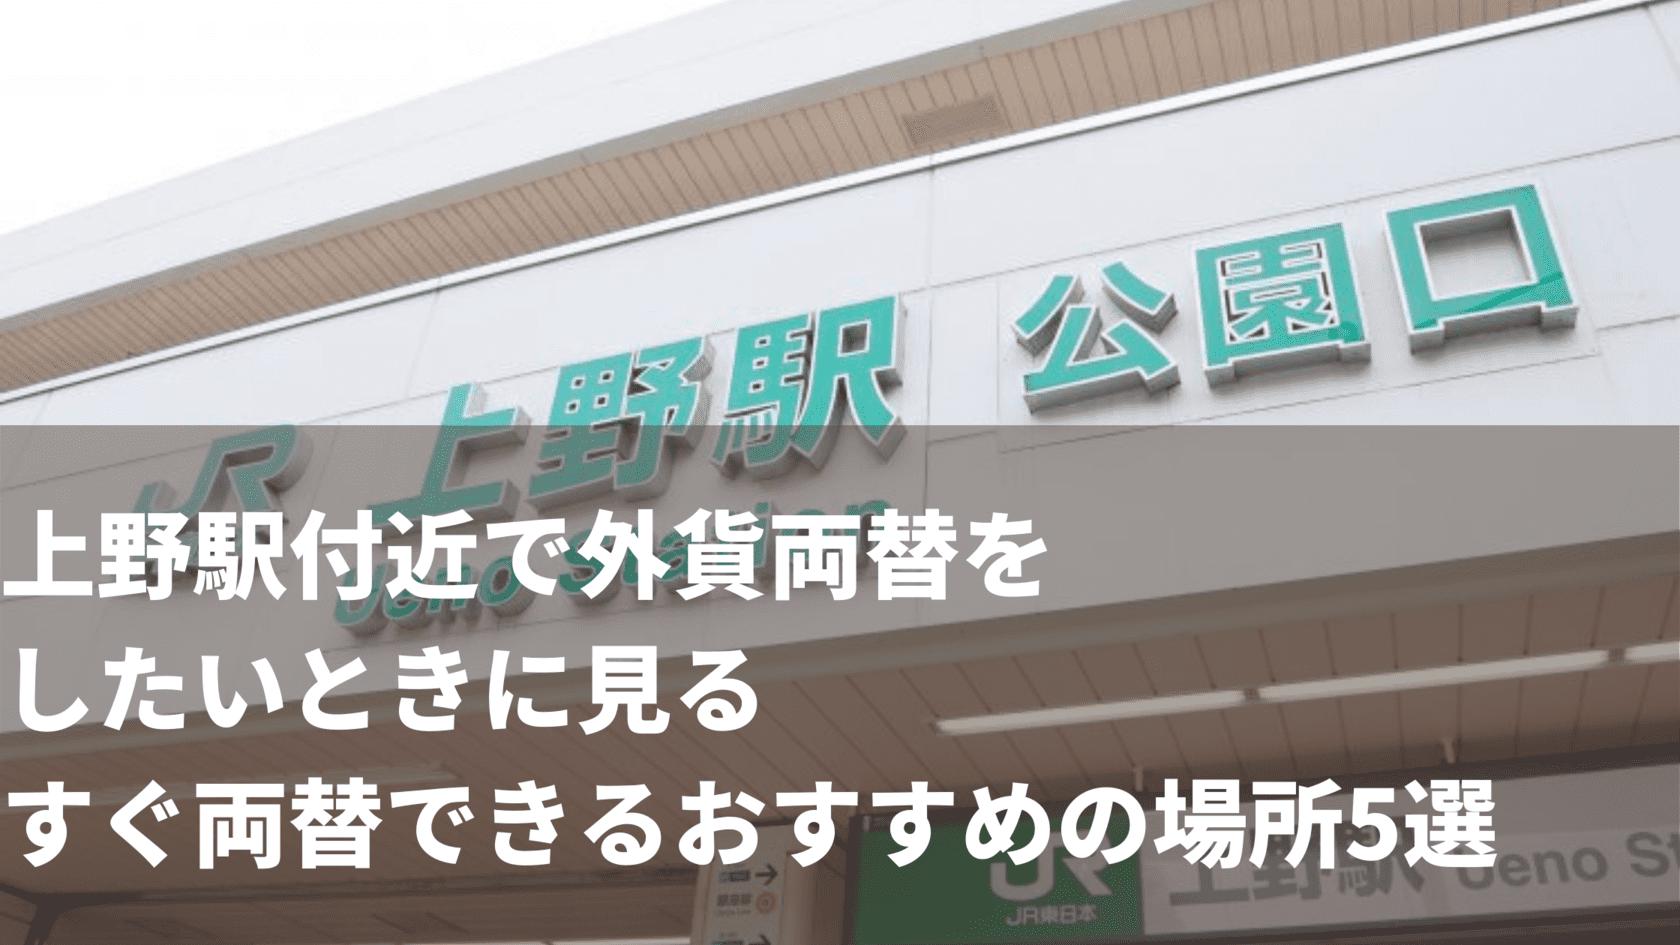 上野駅付近で外貨両替をしたいときに見る、すぐ両替できるおすすめの場所5選